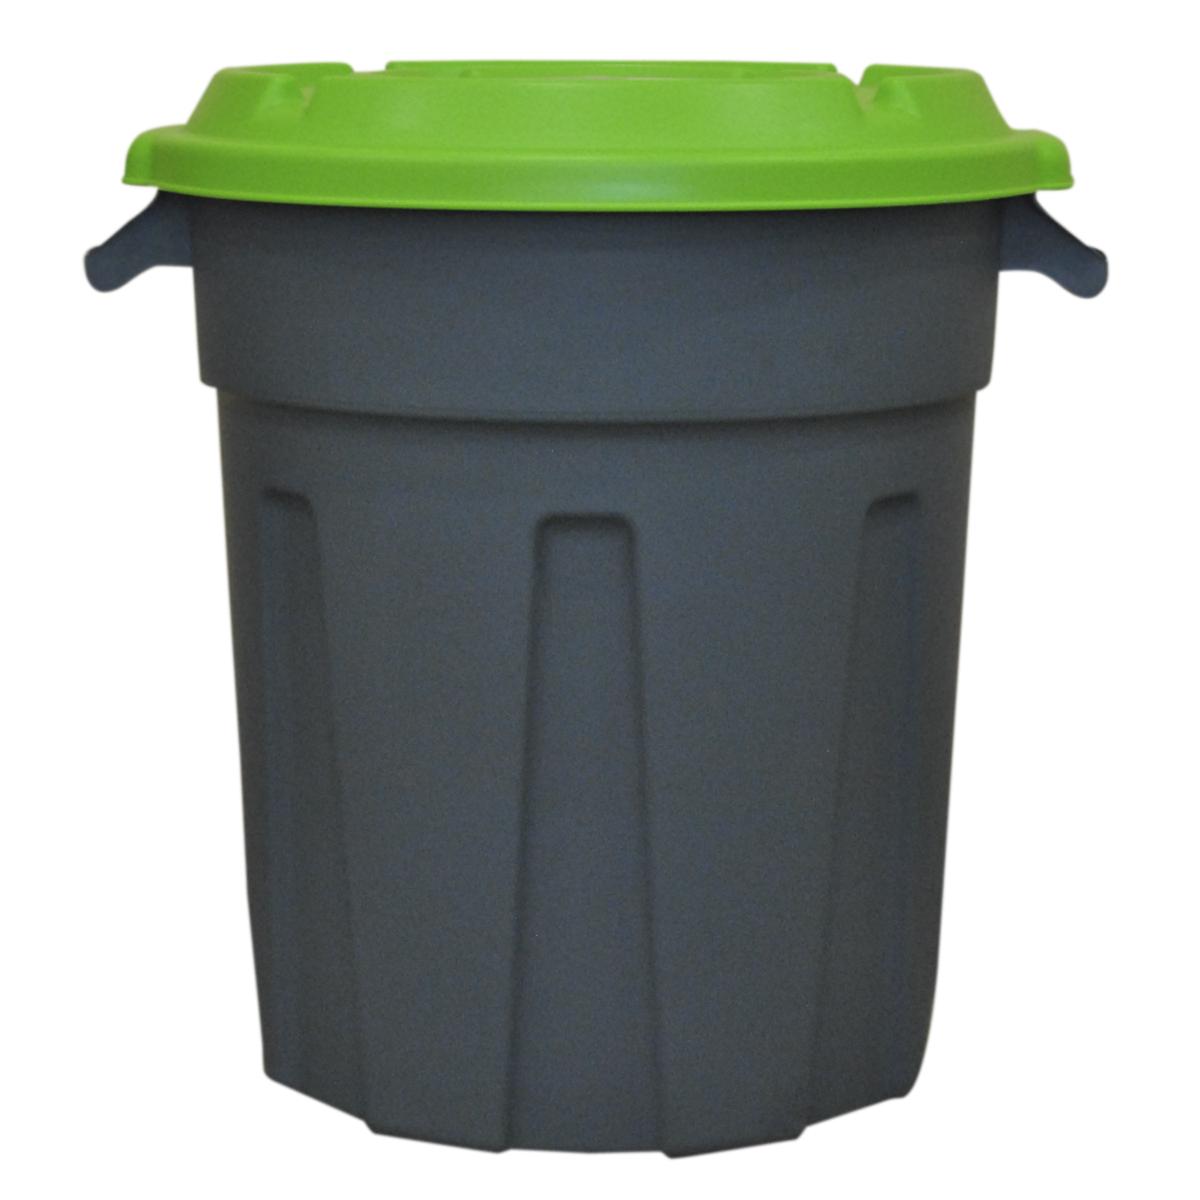 Мусорный бак InGreen, с крышкой, 80 лING6180Пластиковый мусорный бак InGreen предназначен для применения в быту. Изготовлен из материала, обеспечивающего изделию повышенную прочность. Крышка бака обеспечивает плотное закрывание. На дне бака предусмотрена площадка для установки колес. Размер изделия: 57,3 х 50,2 х 67,5 см.